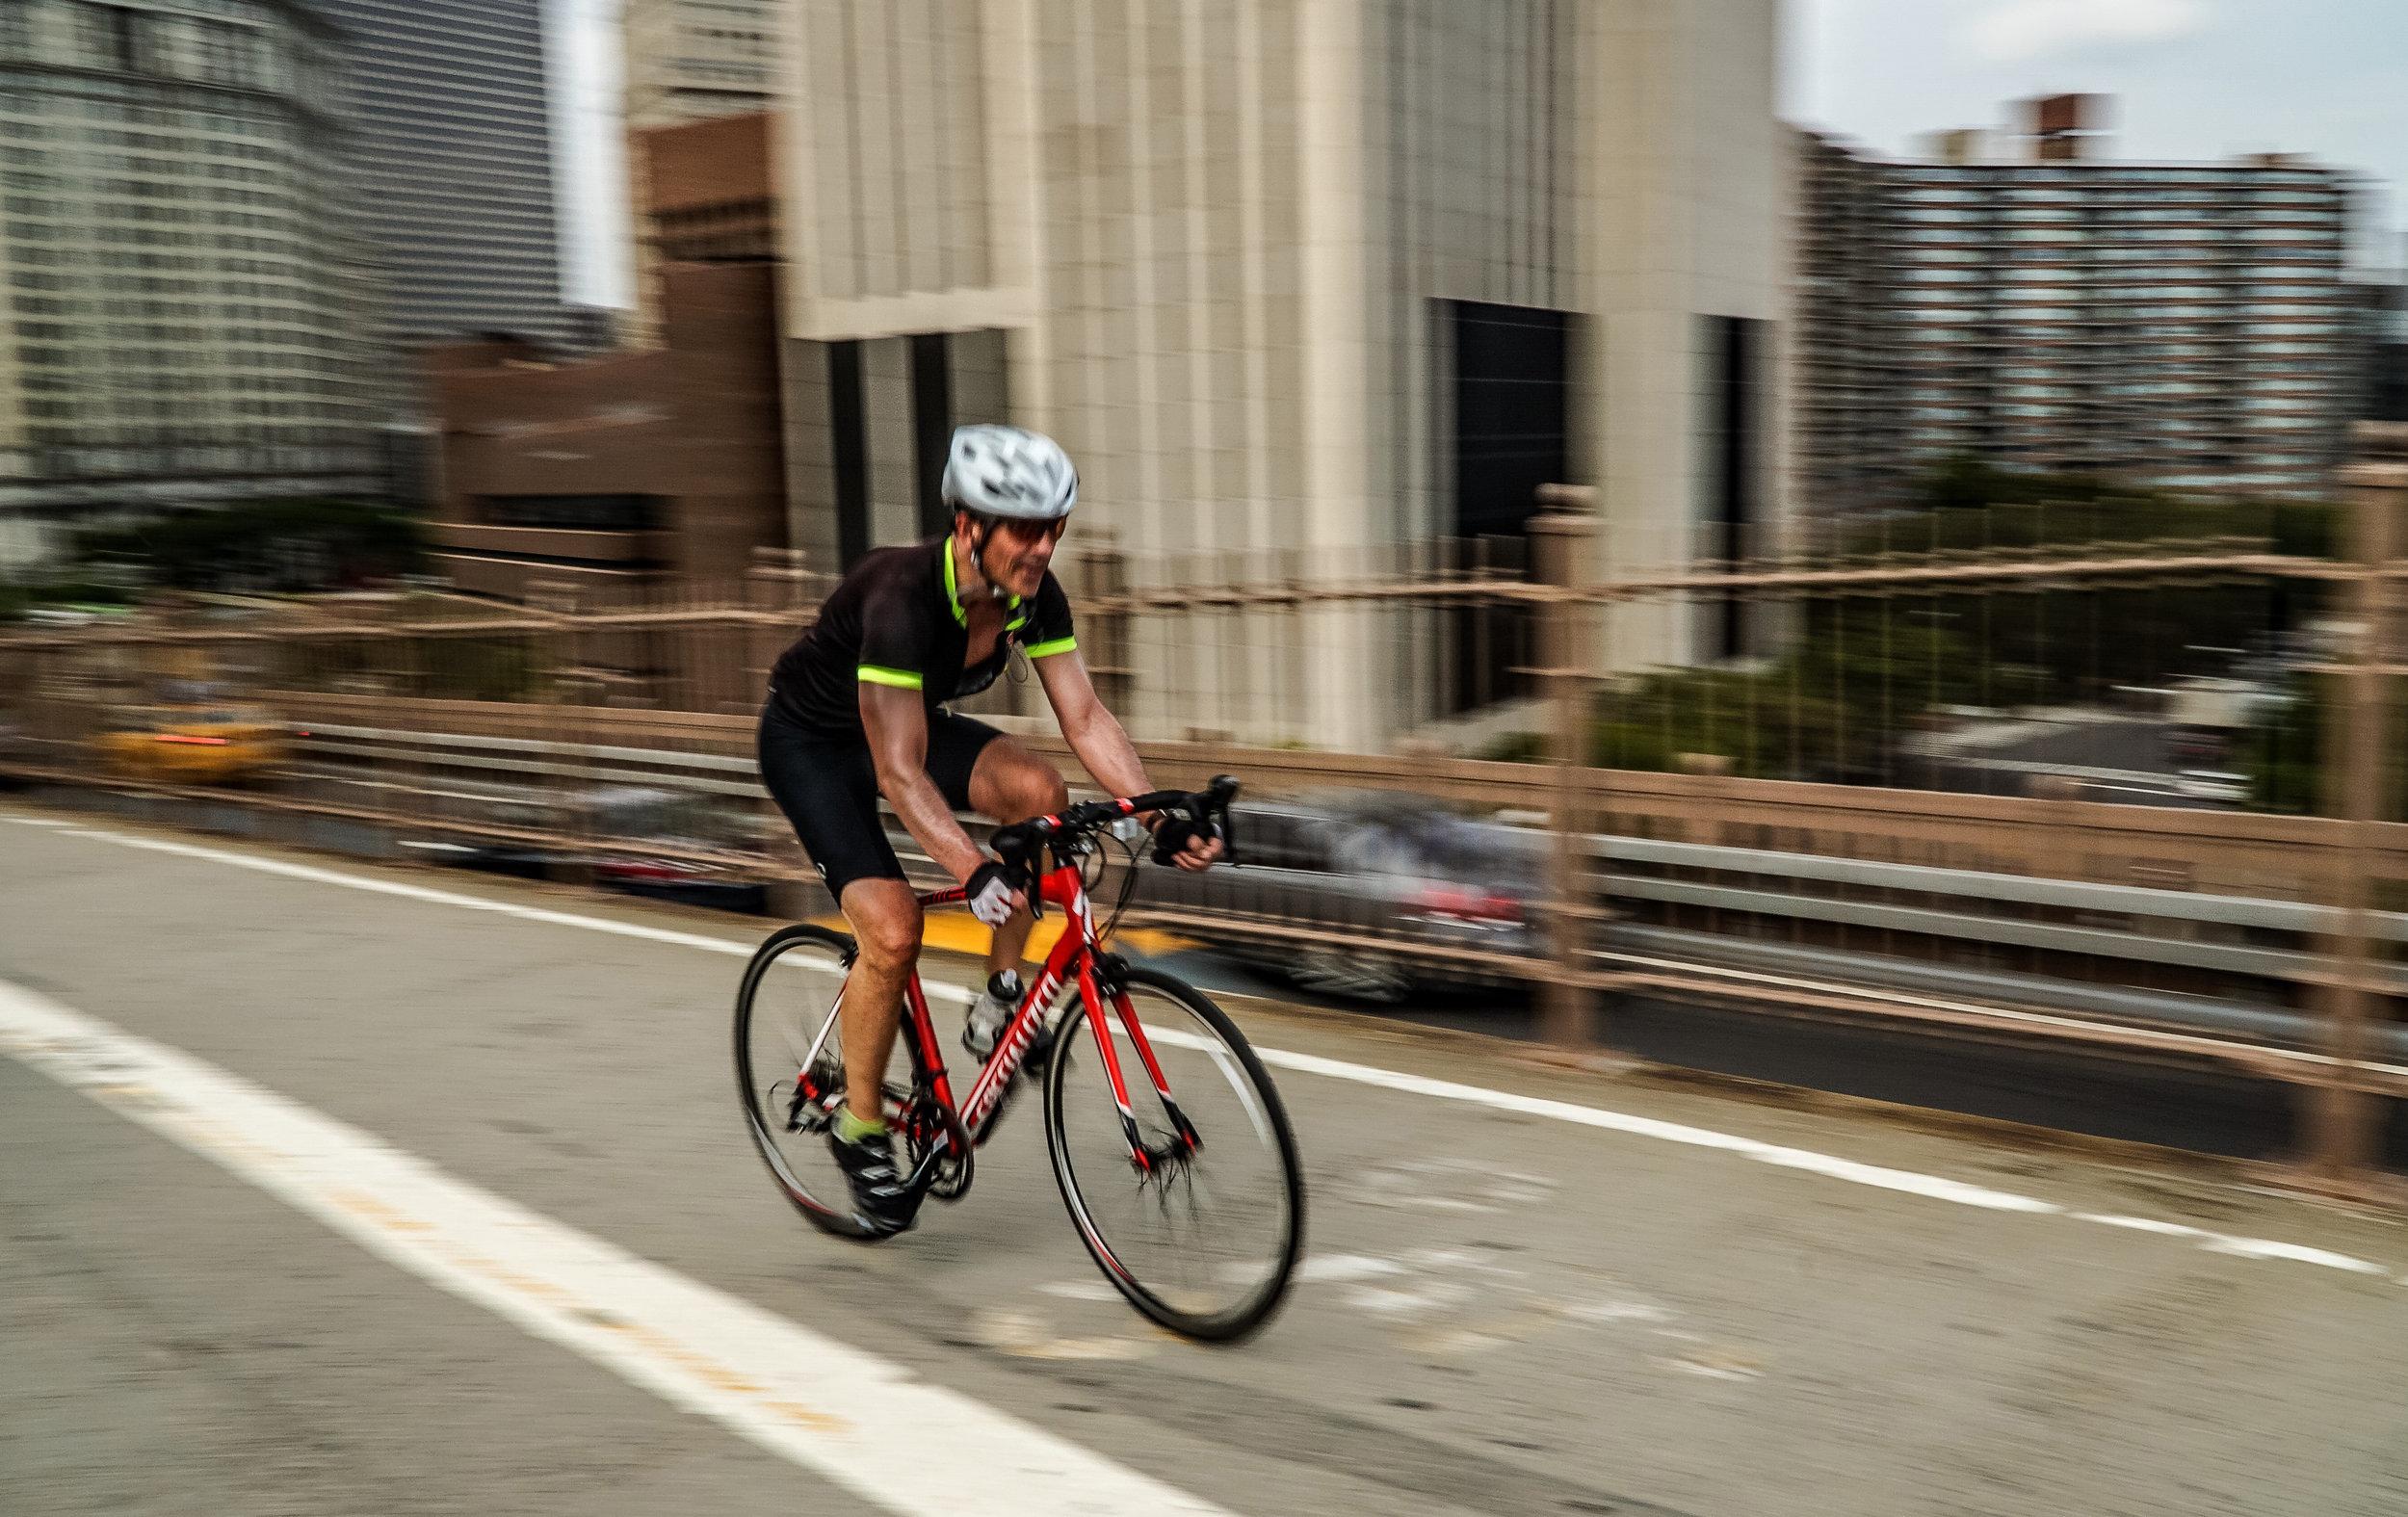 cyclist BK.jpg